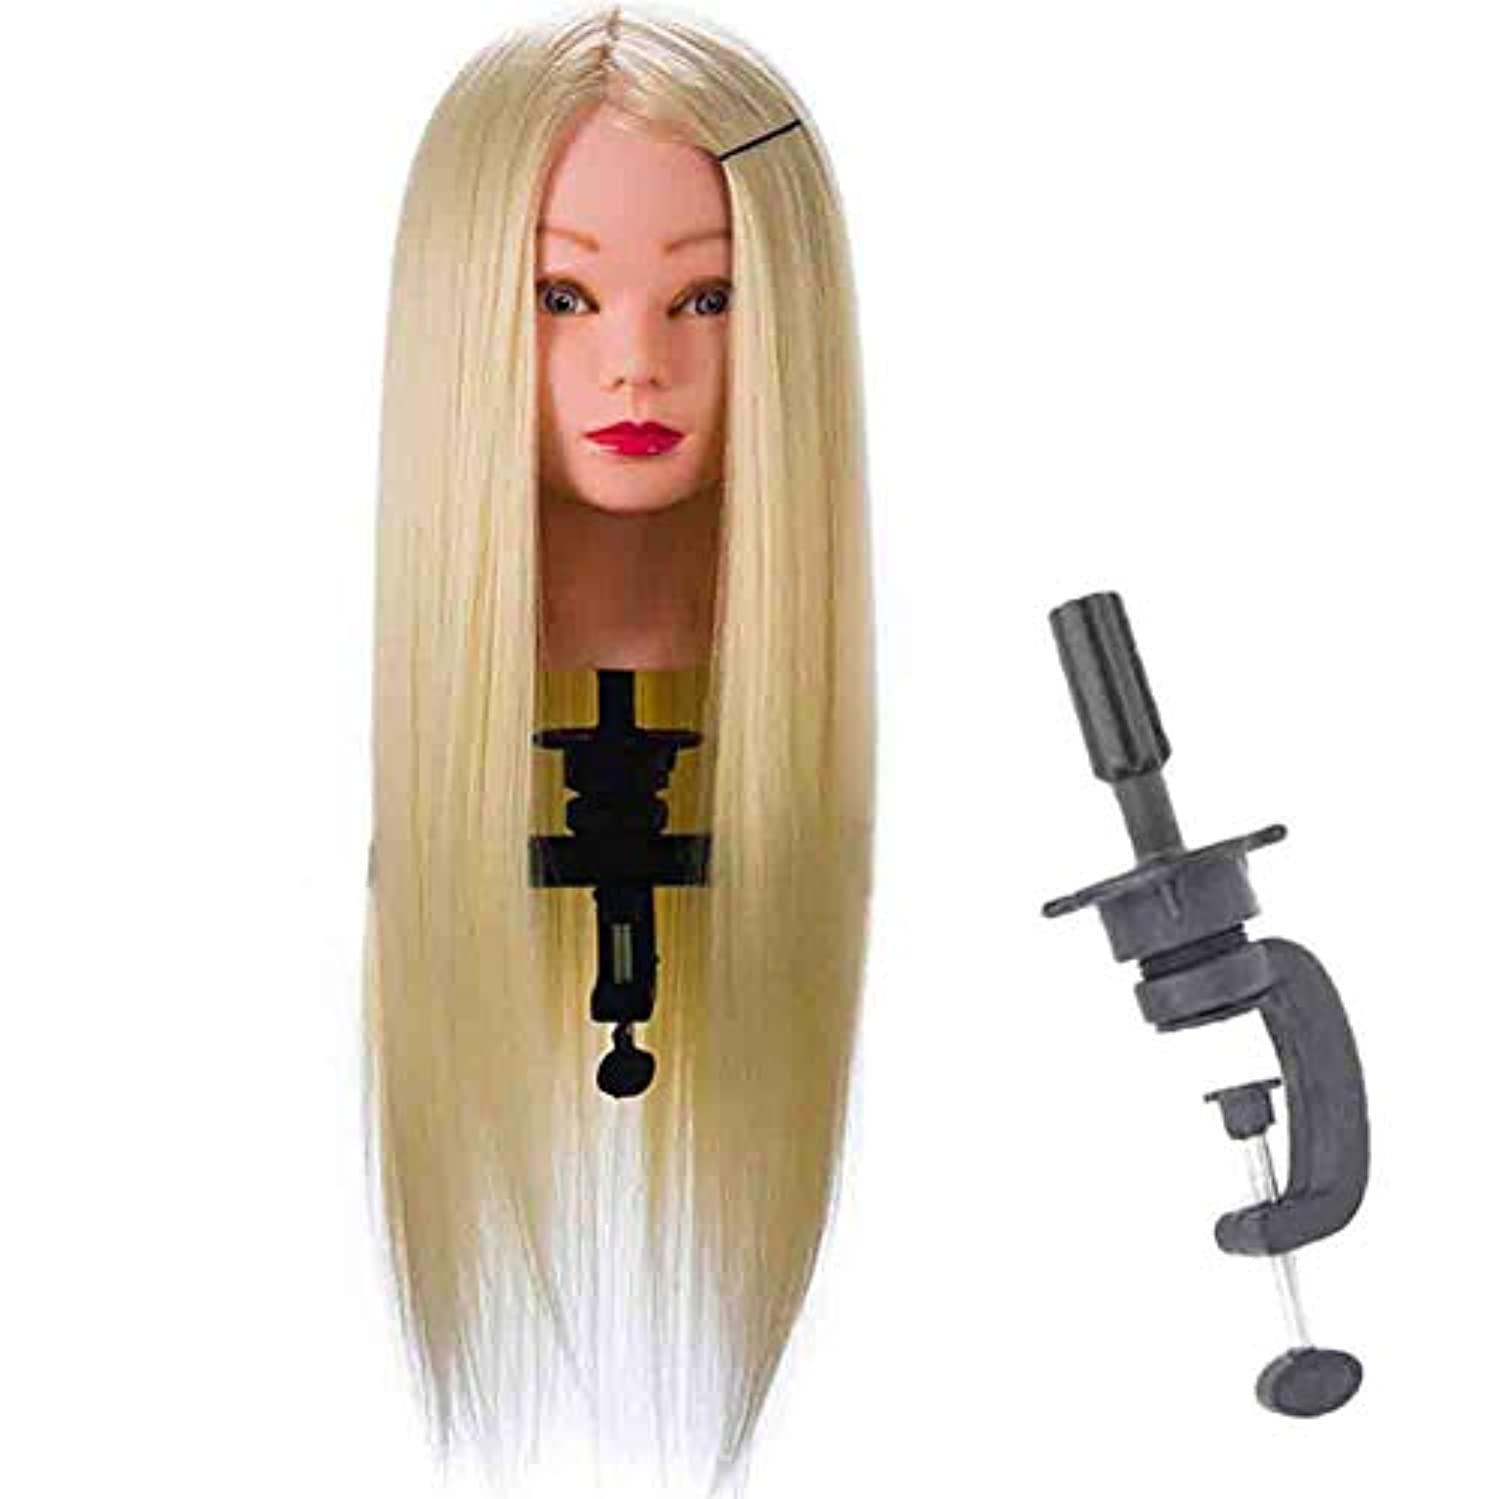 比較的移動するこしょうシミュレーションウィッグヘッドダイドールヘッドモデルエクササイズディスクヘアブレードヘアメイクスタイリングヘアサロンダミーマネキンヘッド